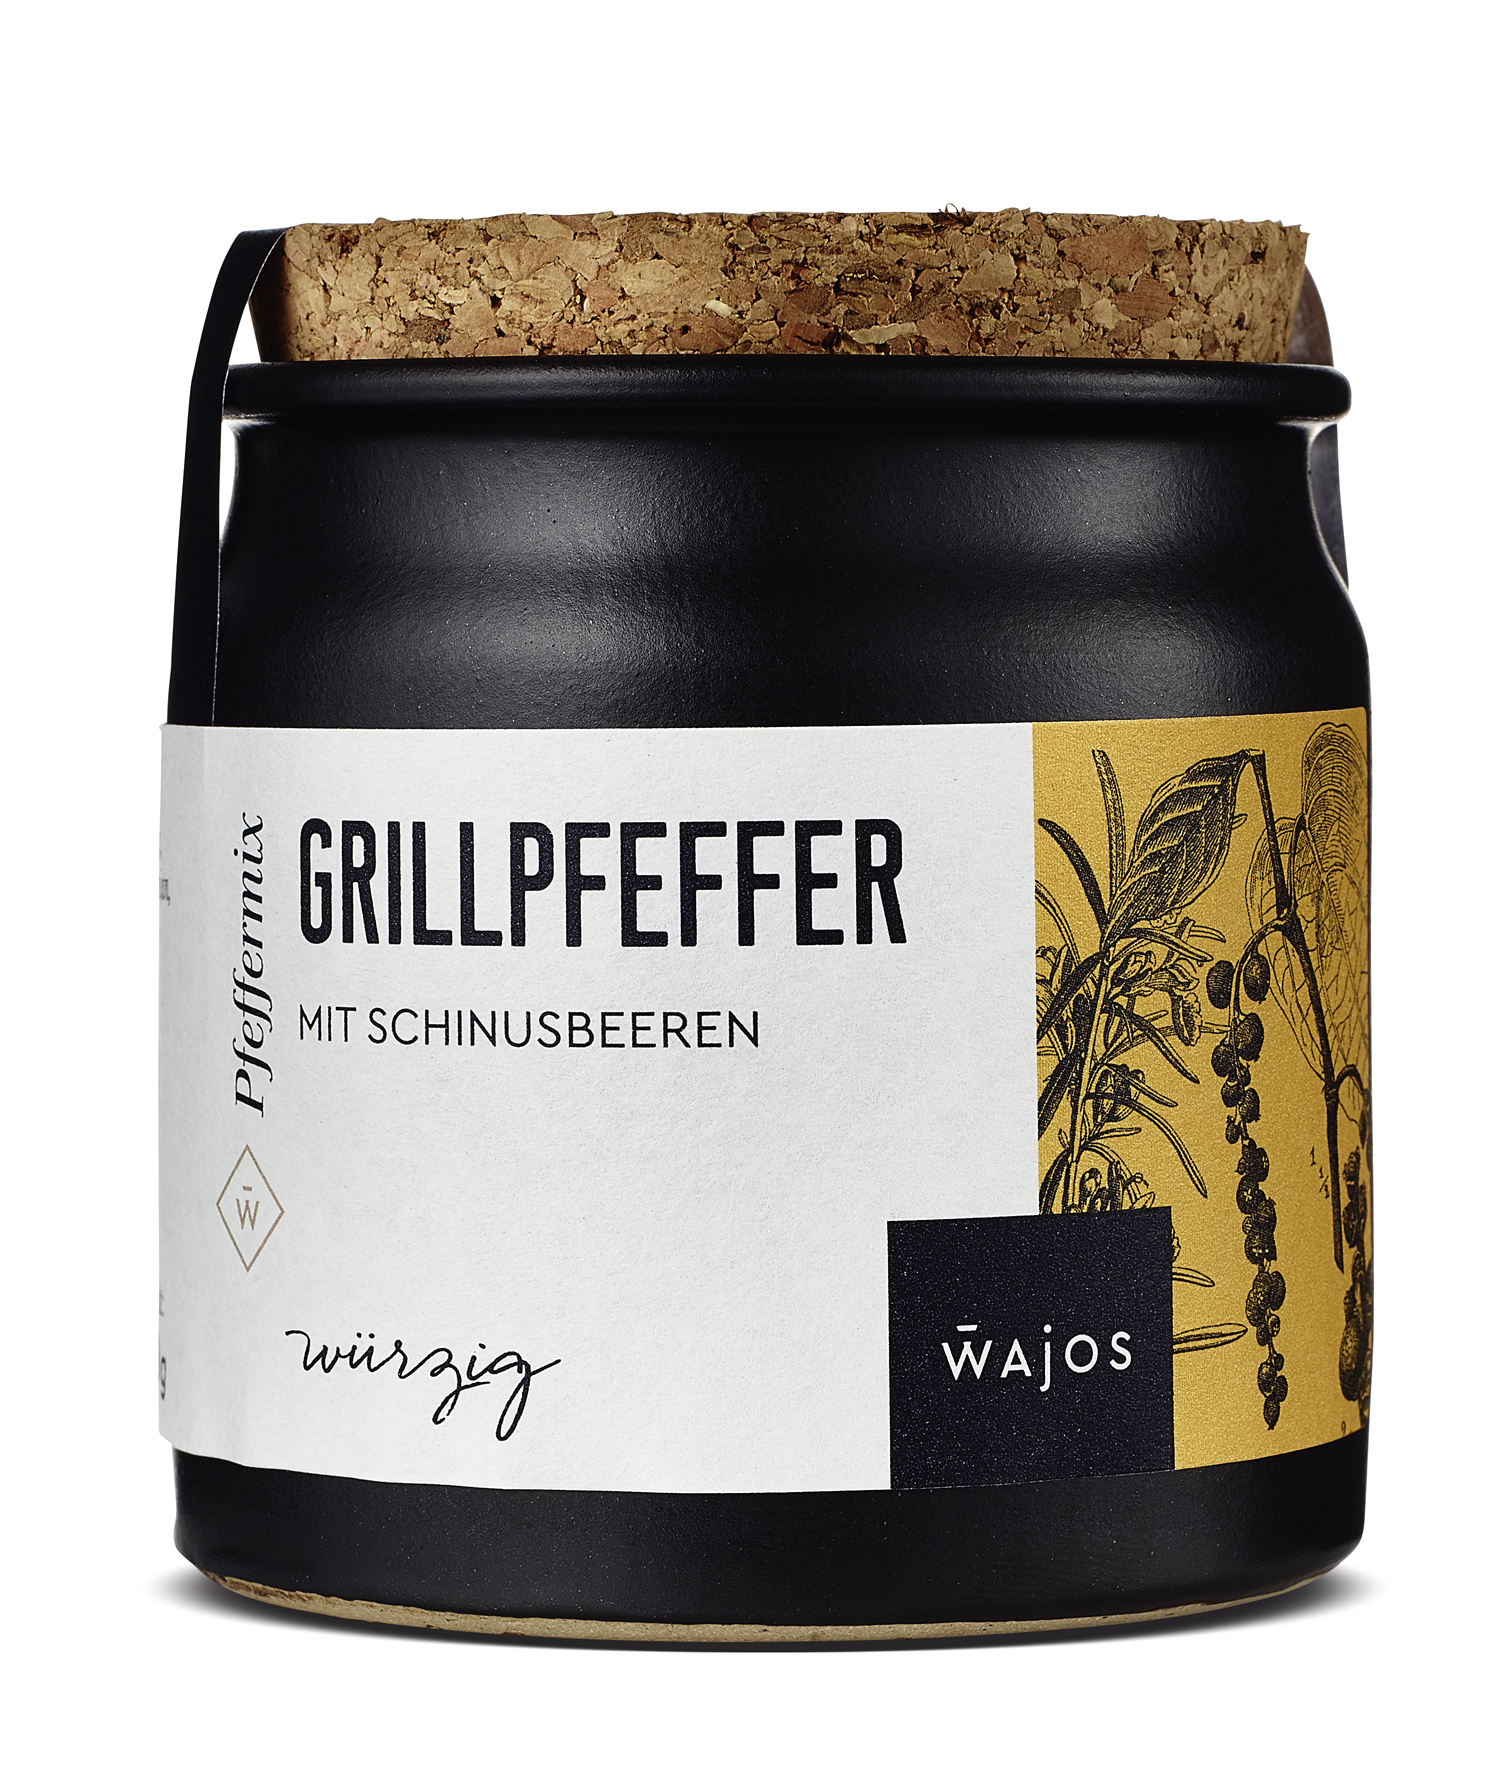 Grillpfeffer